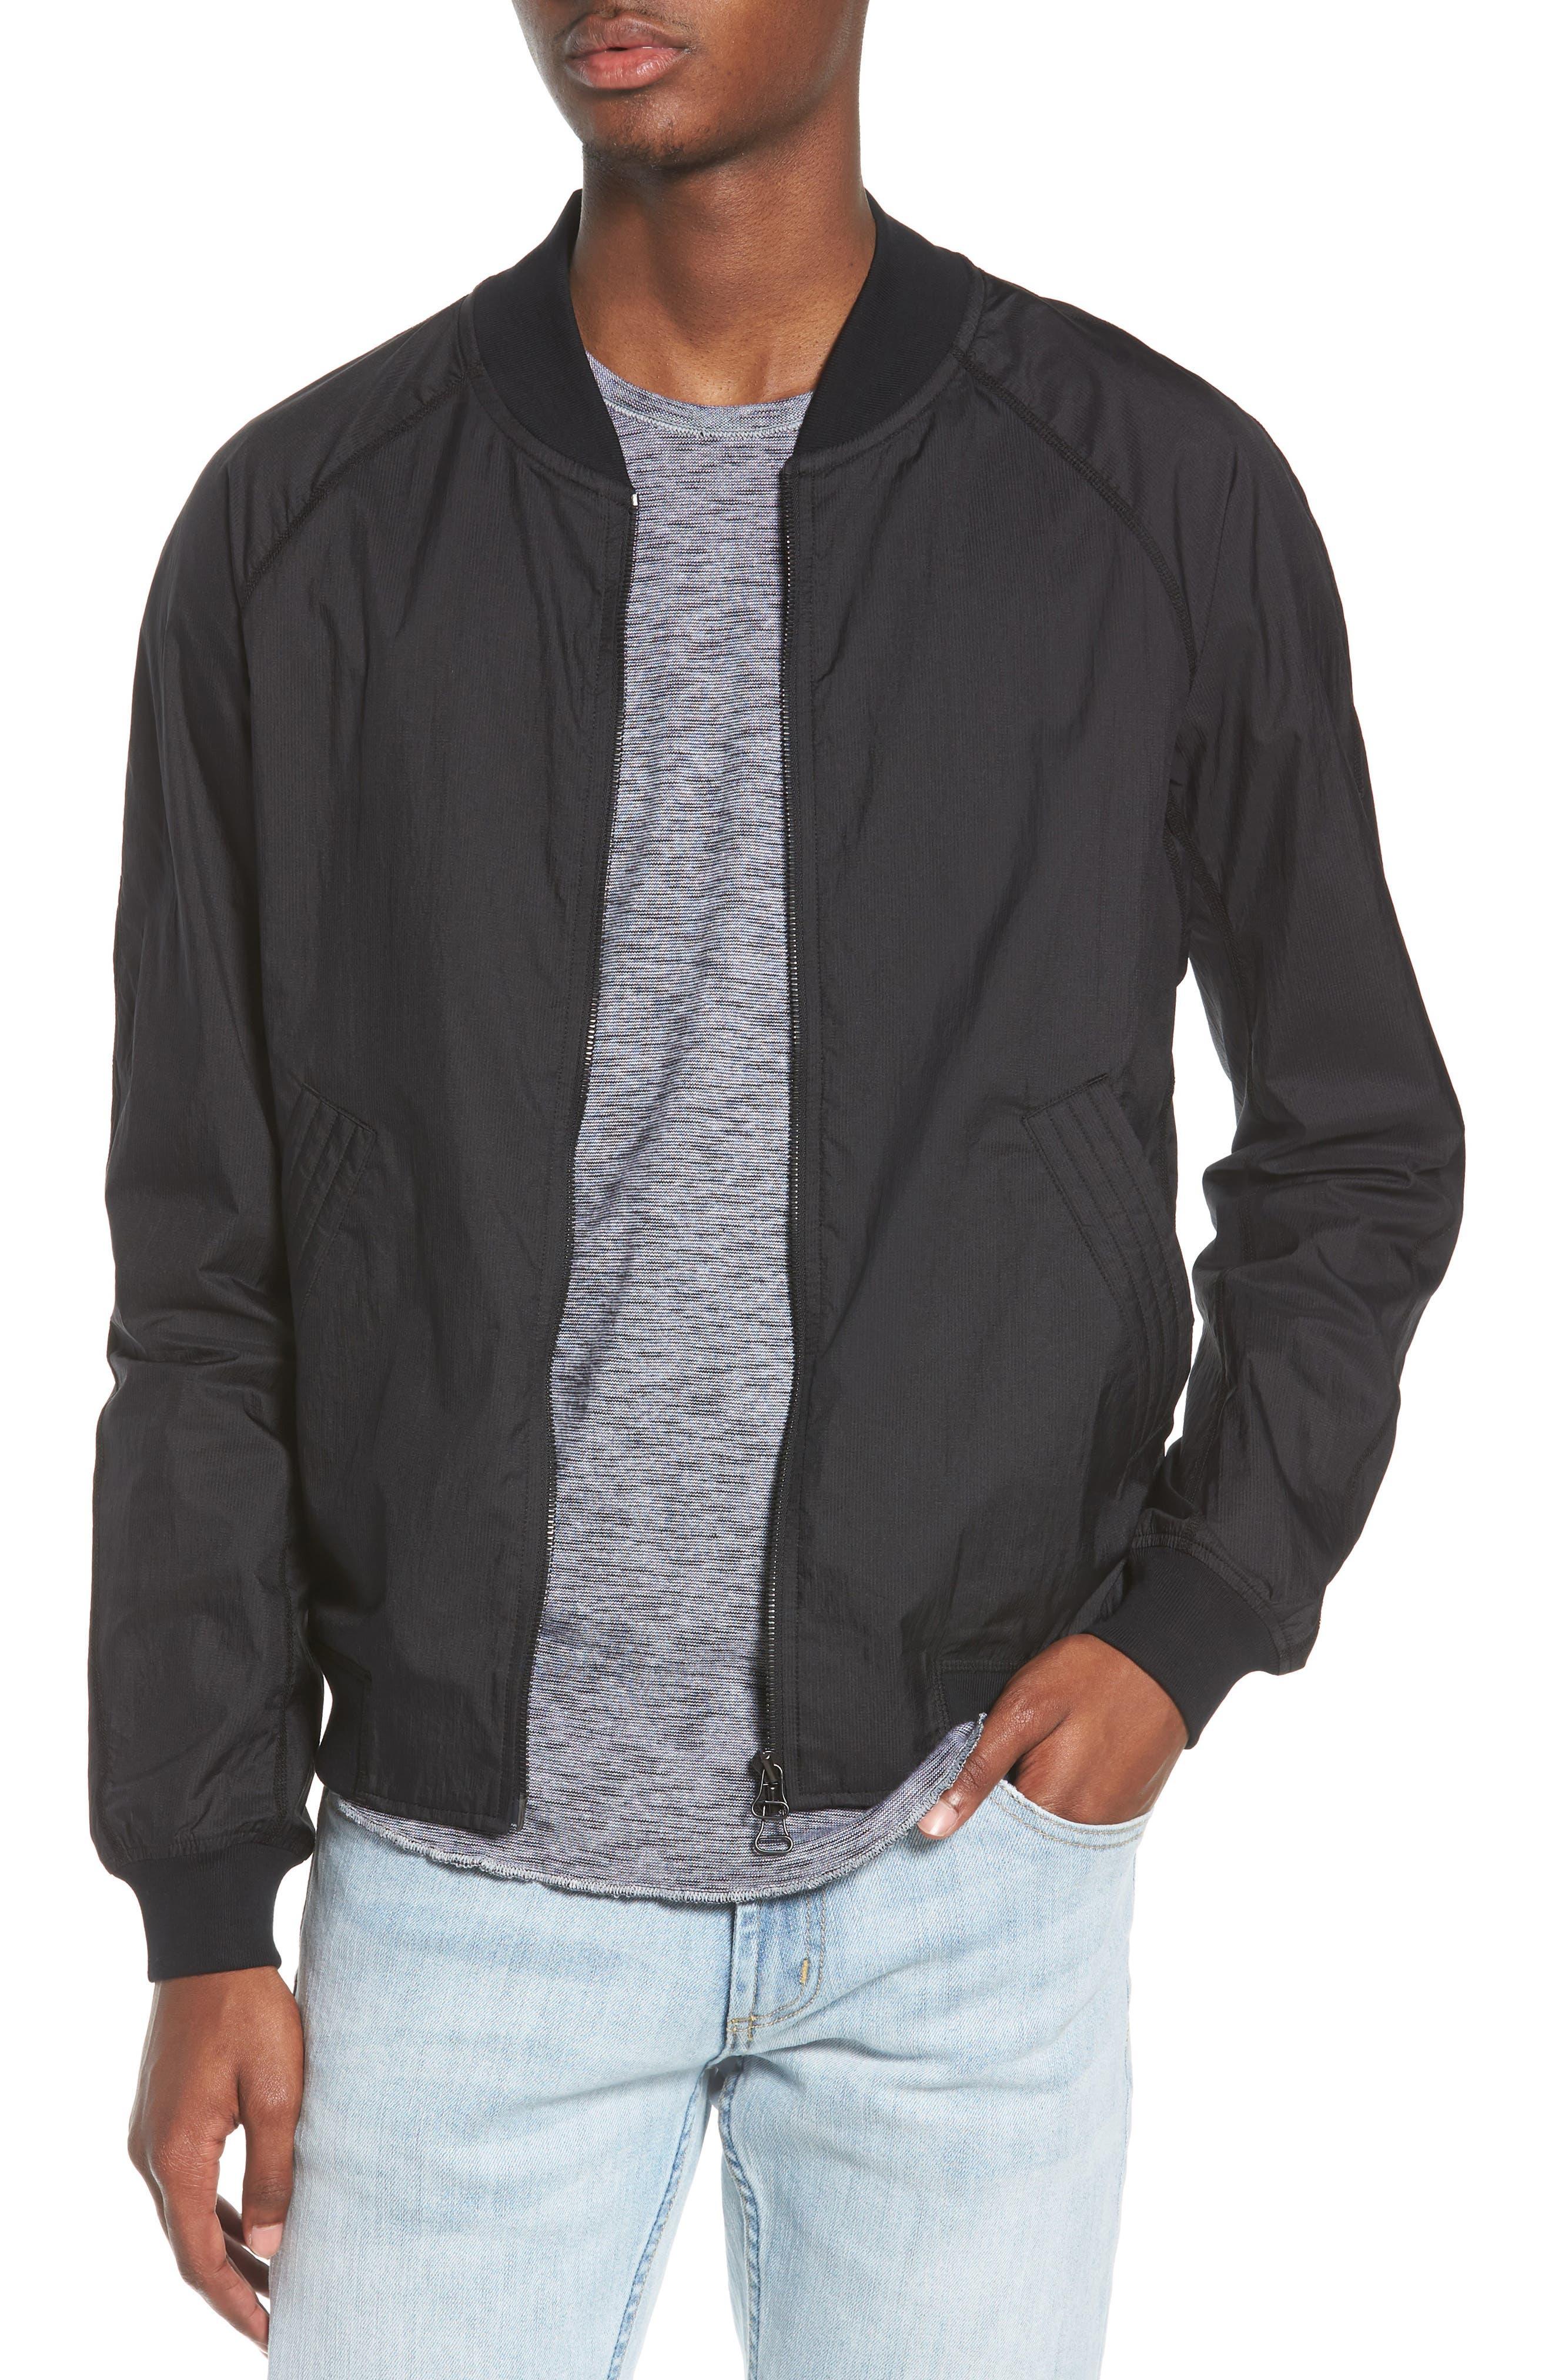 Souvenir Jacket,                         Main,                         color, Black